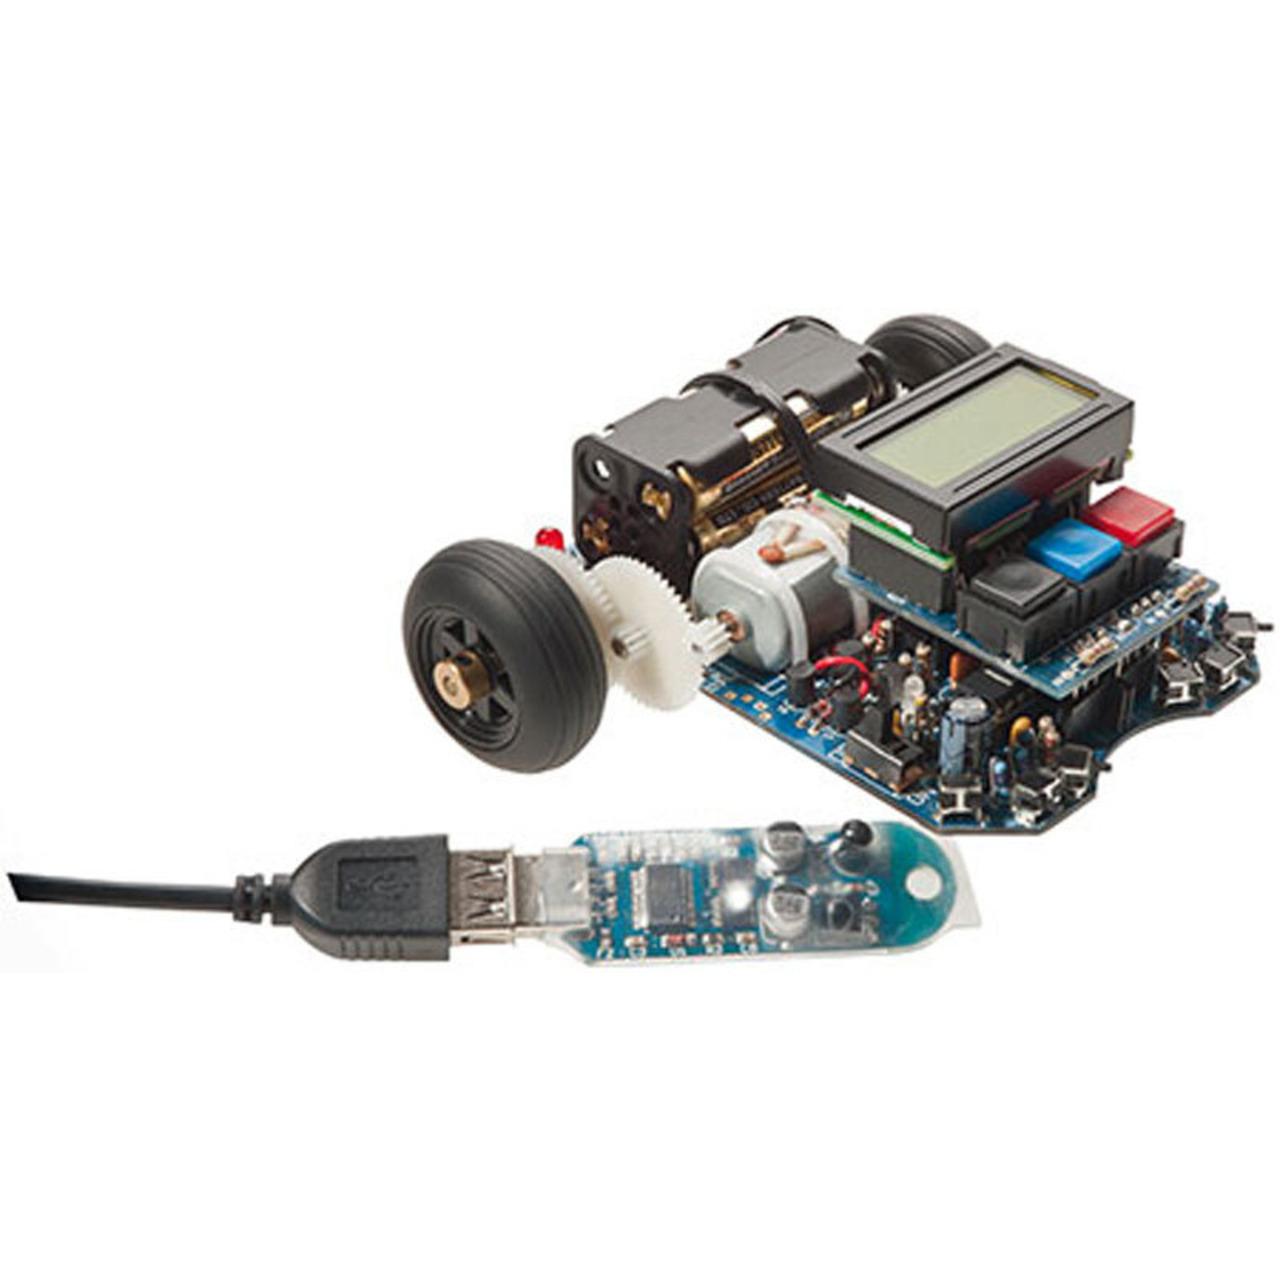 Image of AREXX ASURO-Miniroboter ARX-03, inkl. USB IR-Transceiver